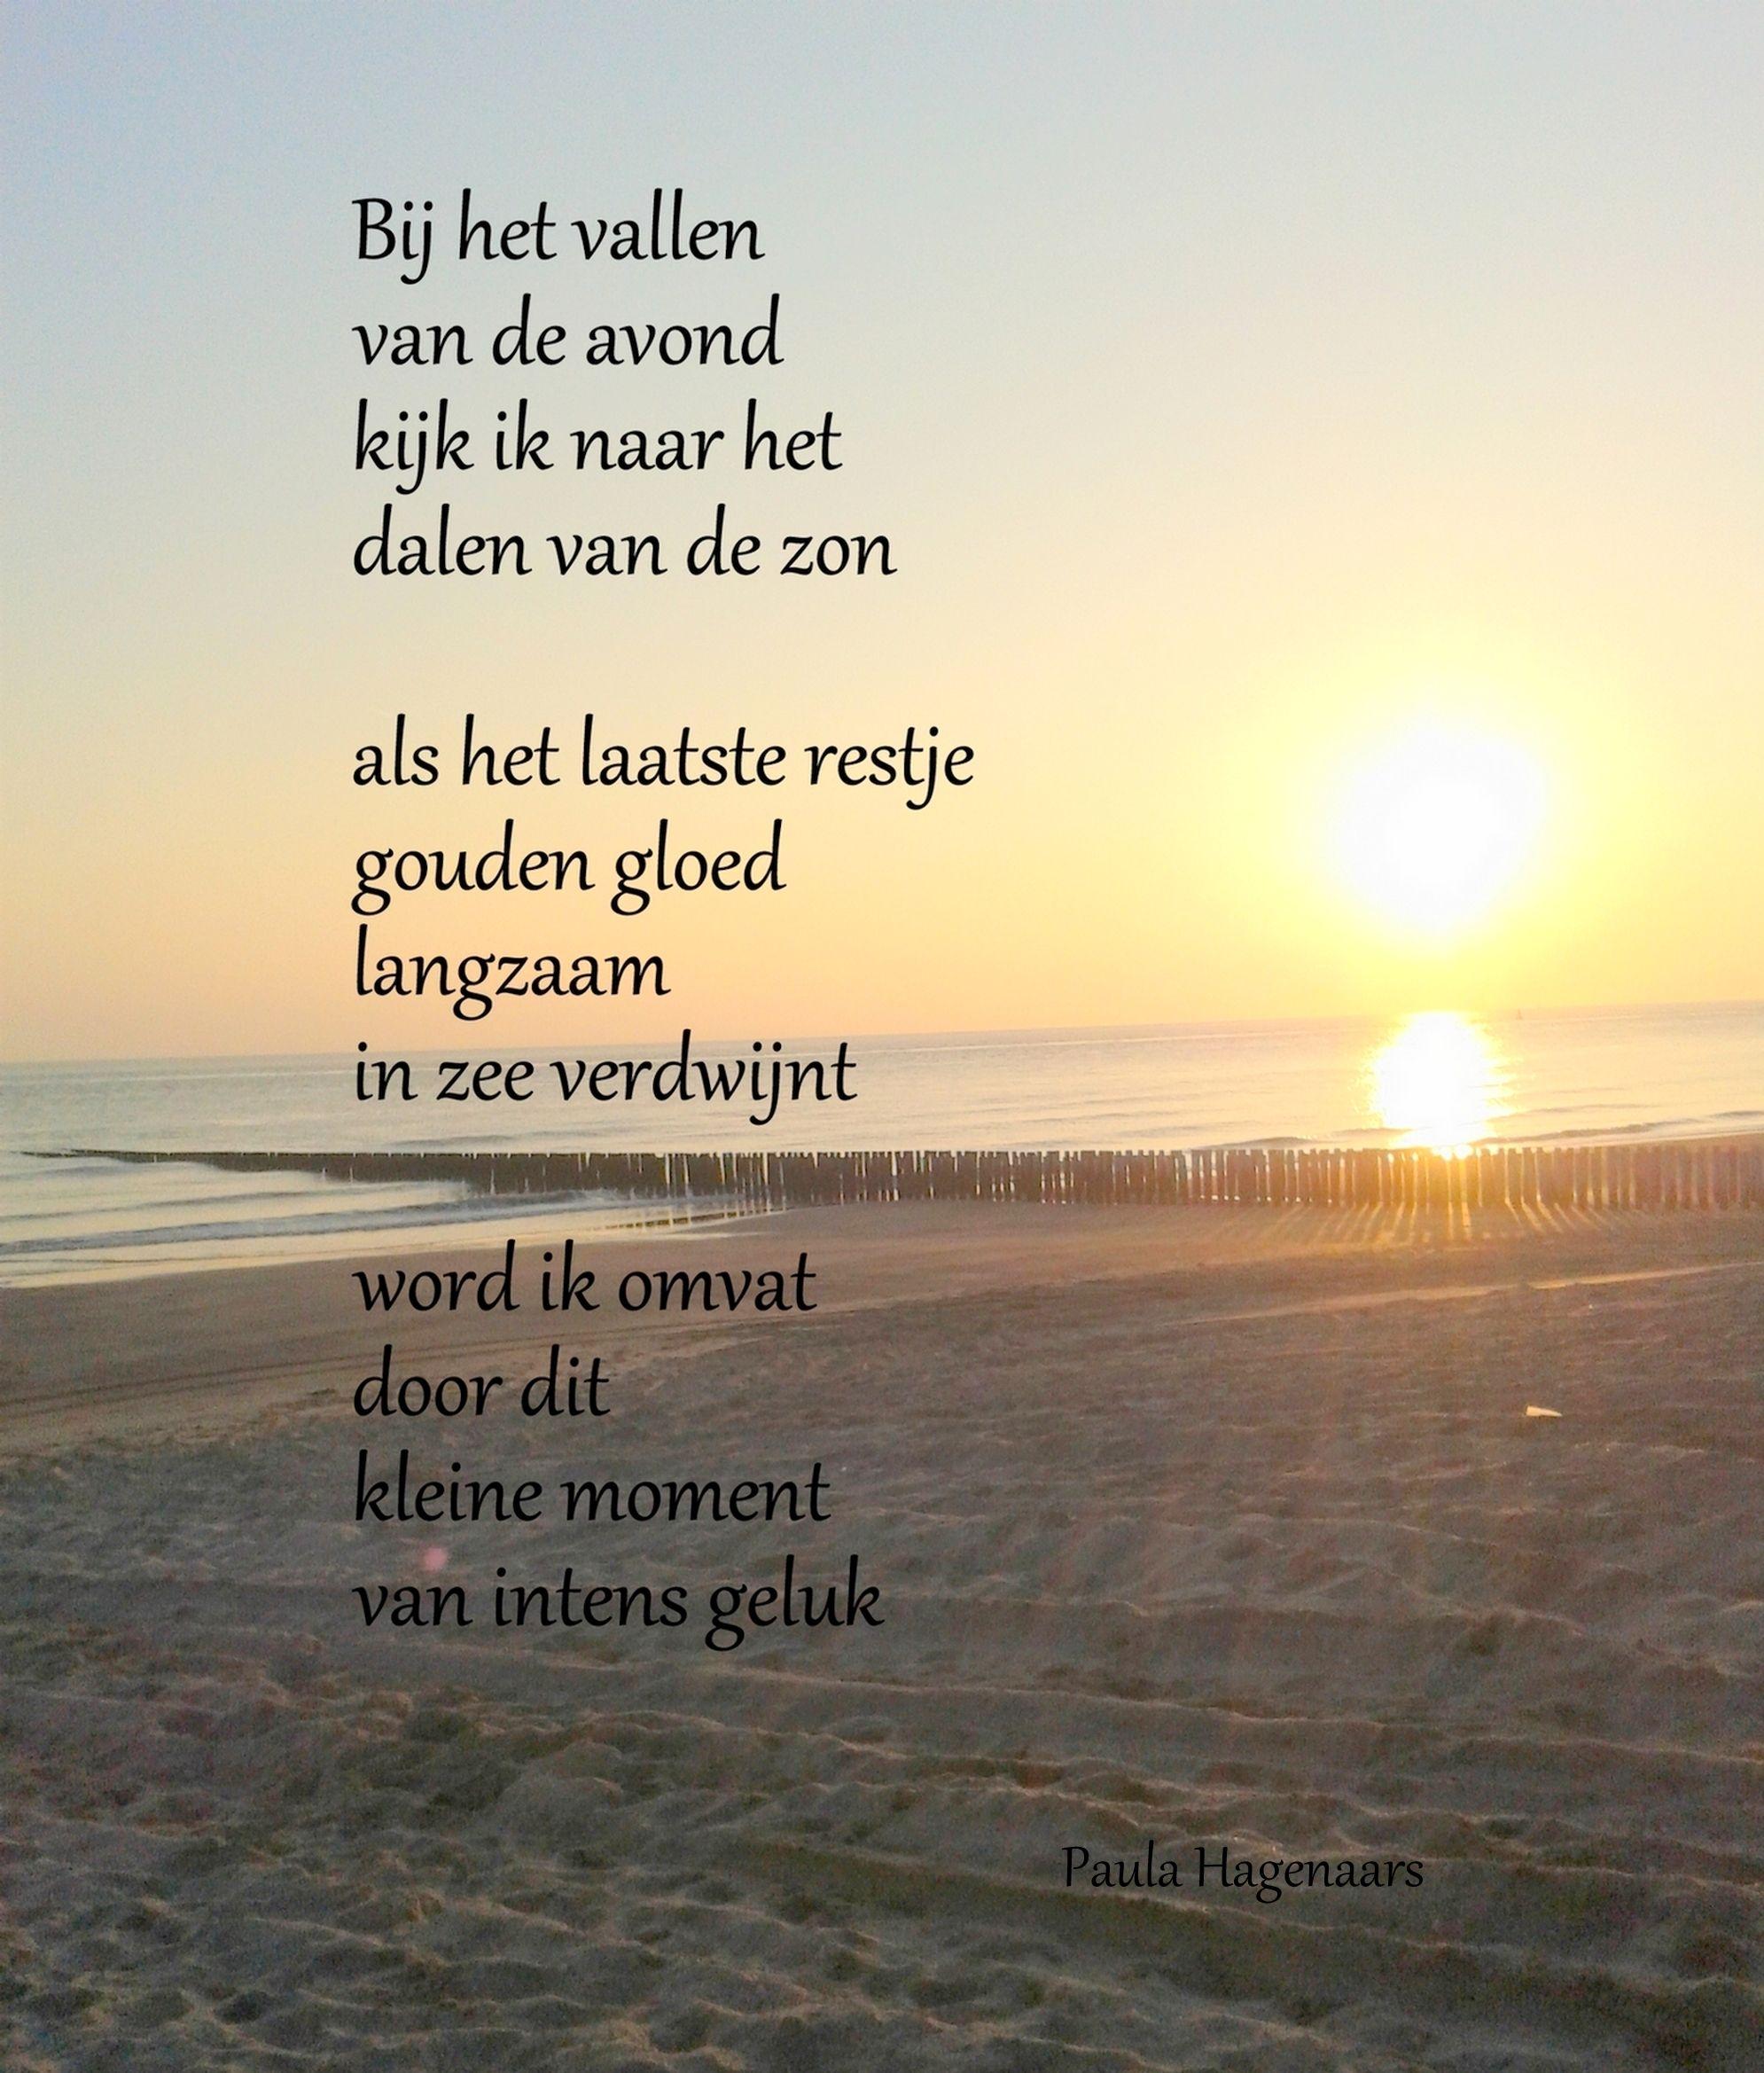 Citaten Over De Zee : Gedichten paula hagenaars zee pinterest poems words